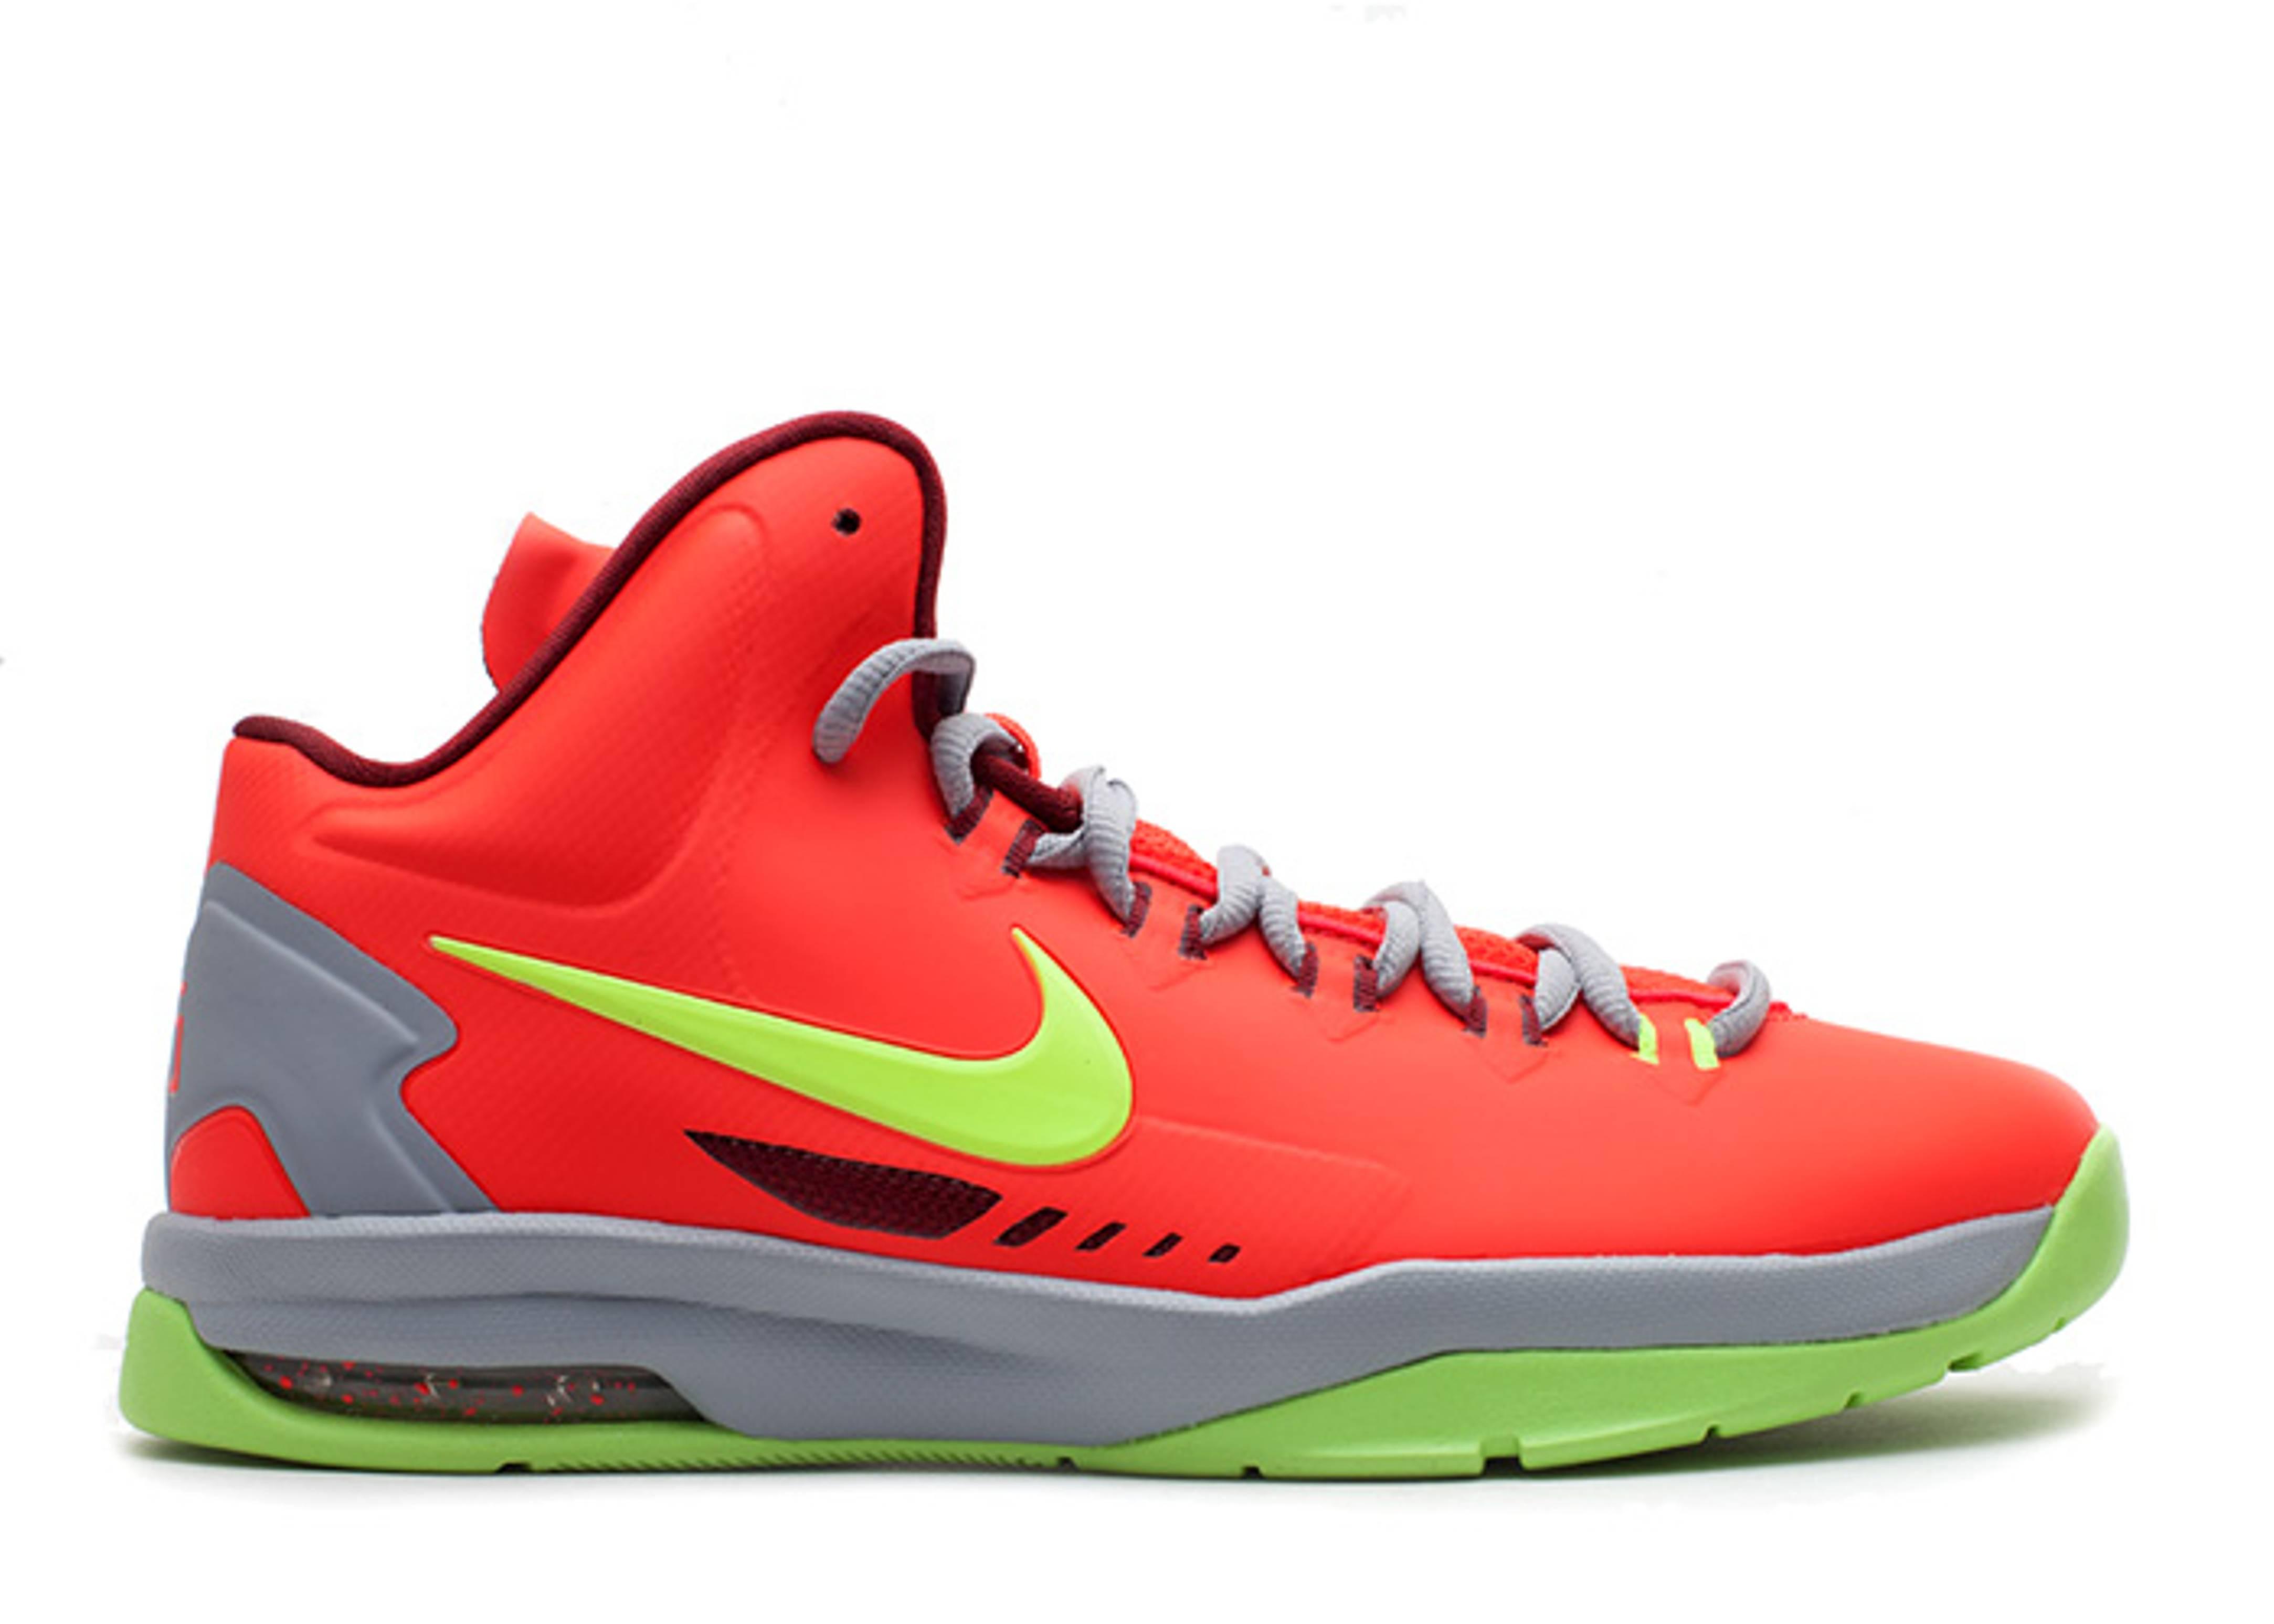 6b258a203d5 Nike Zoom KD 5 V DMV Bright Crimson Volt-Wolf Grey - wunschseiten.de